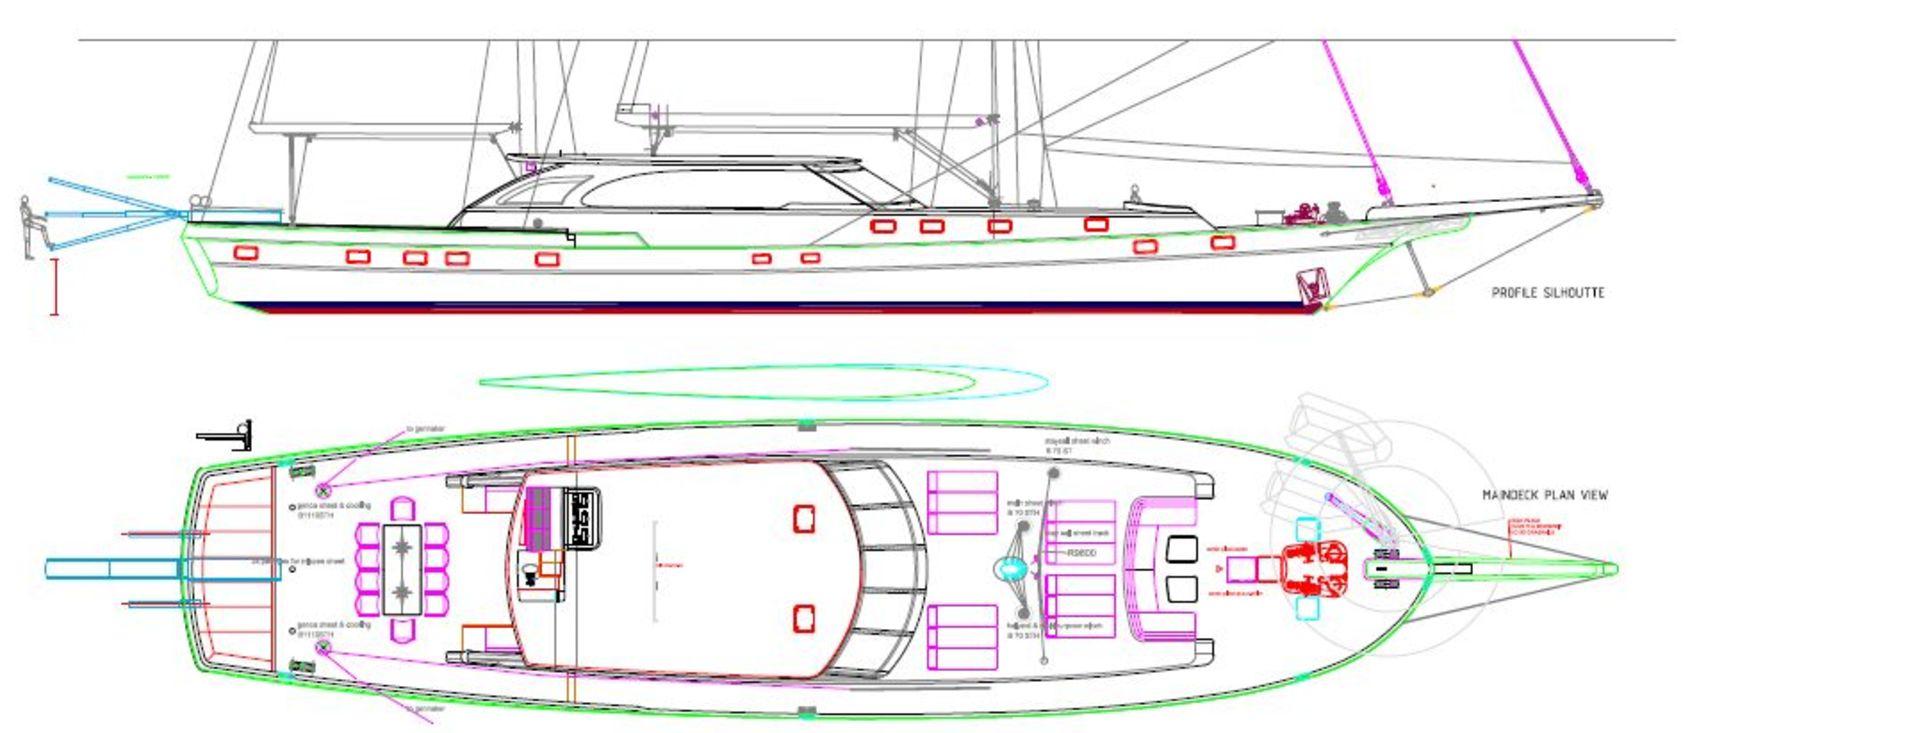 sailing nour layout